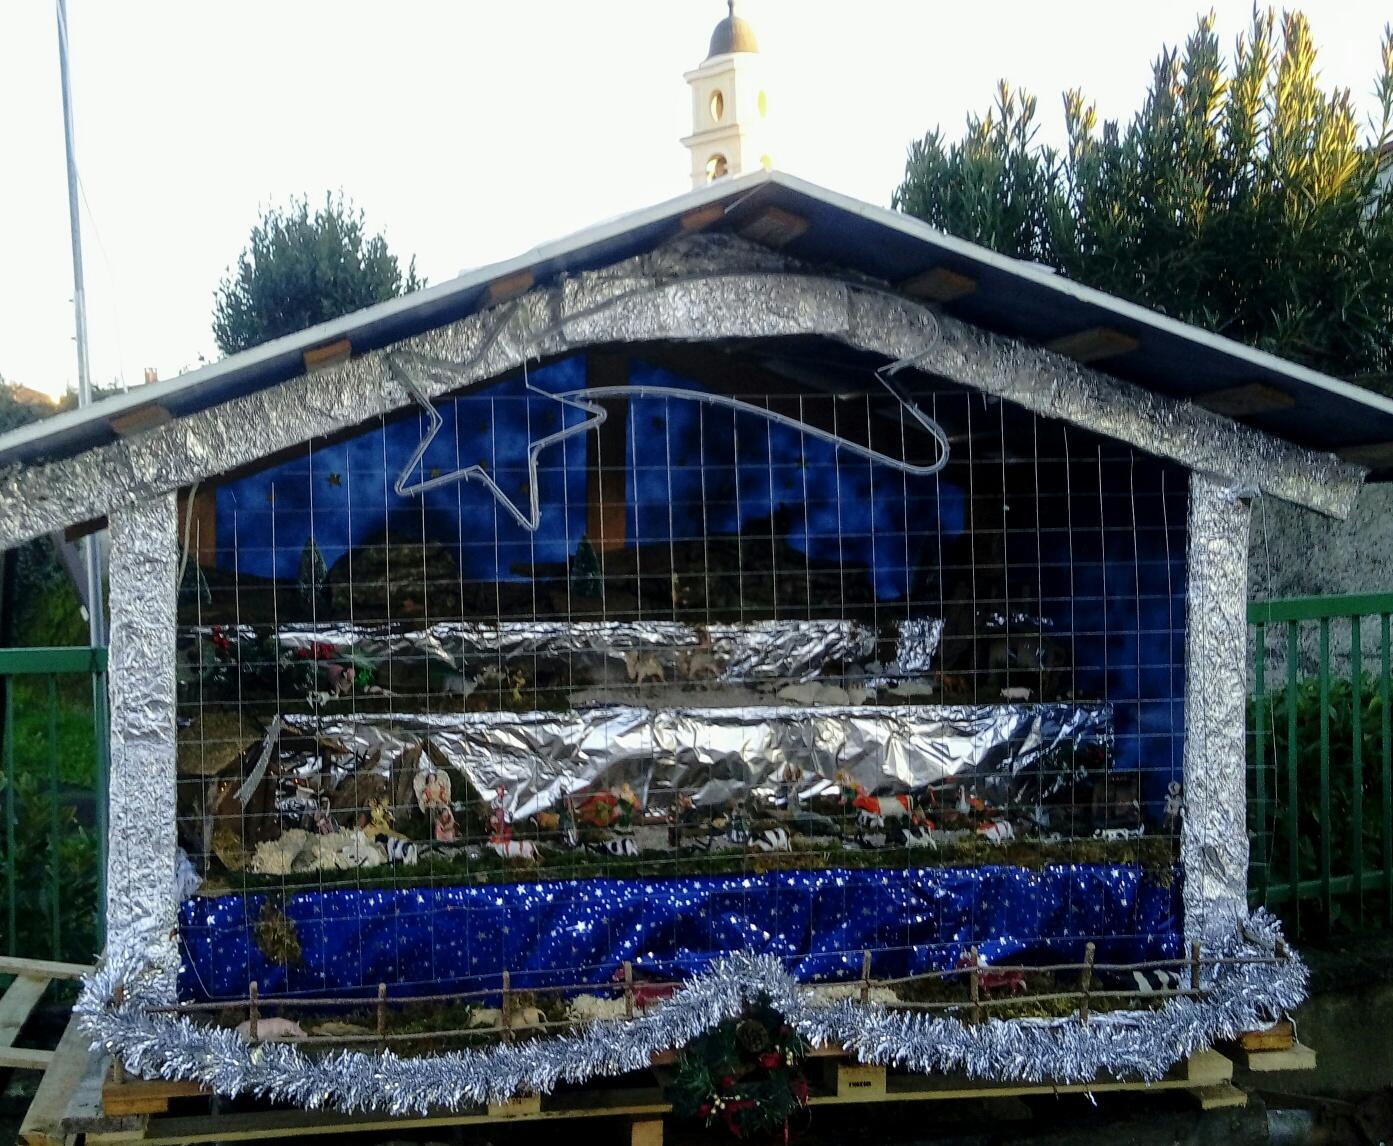 Isolabella presepi in grotta  e concerto per un Natale da vivere